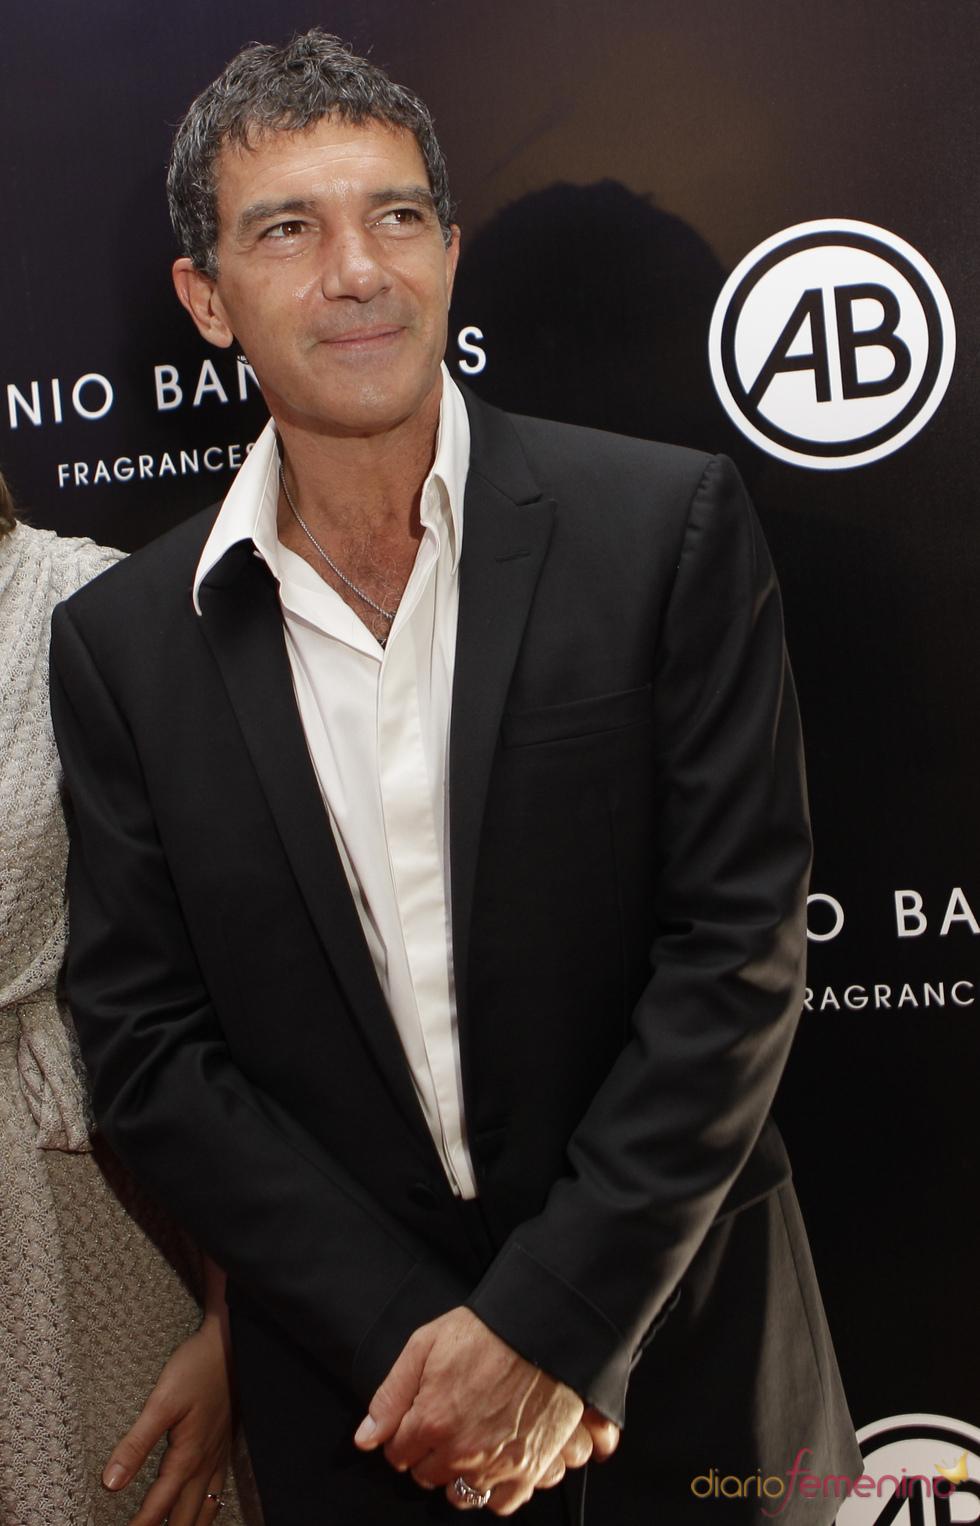 Antonio Banderas subasta seis fotografías con fines benéficos